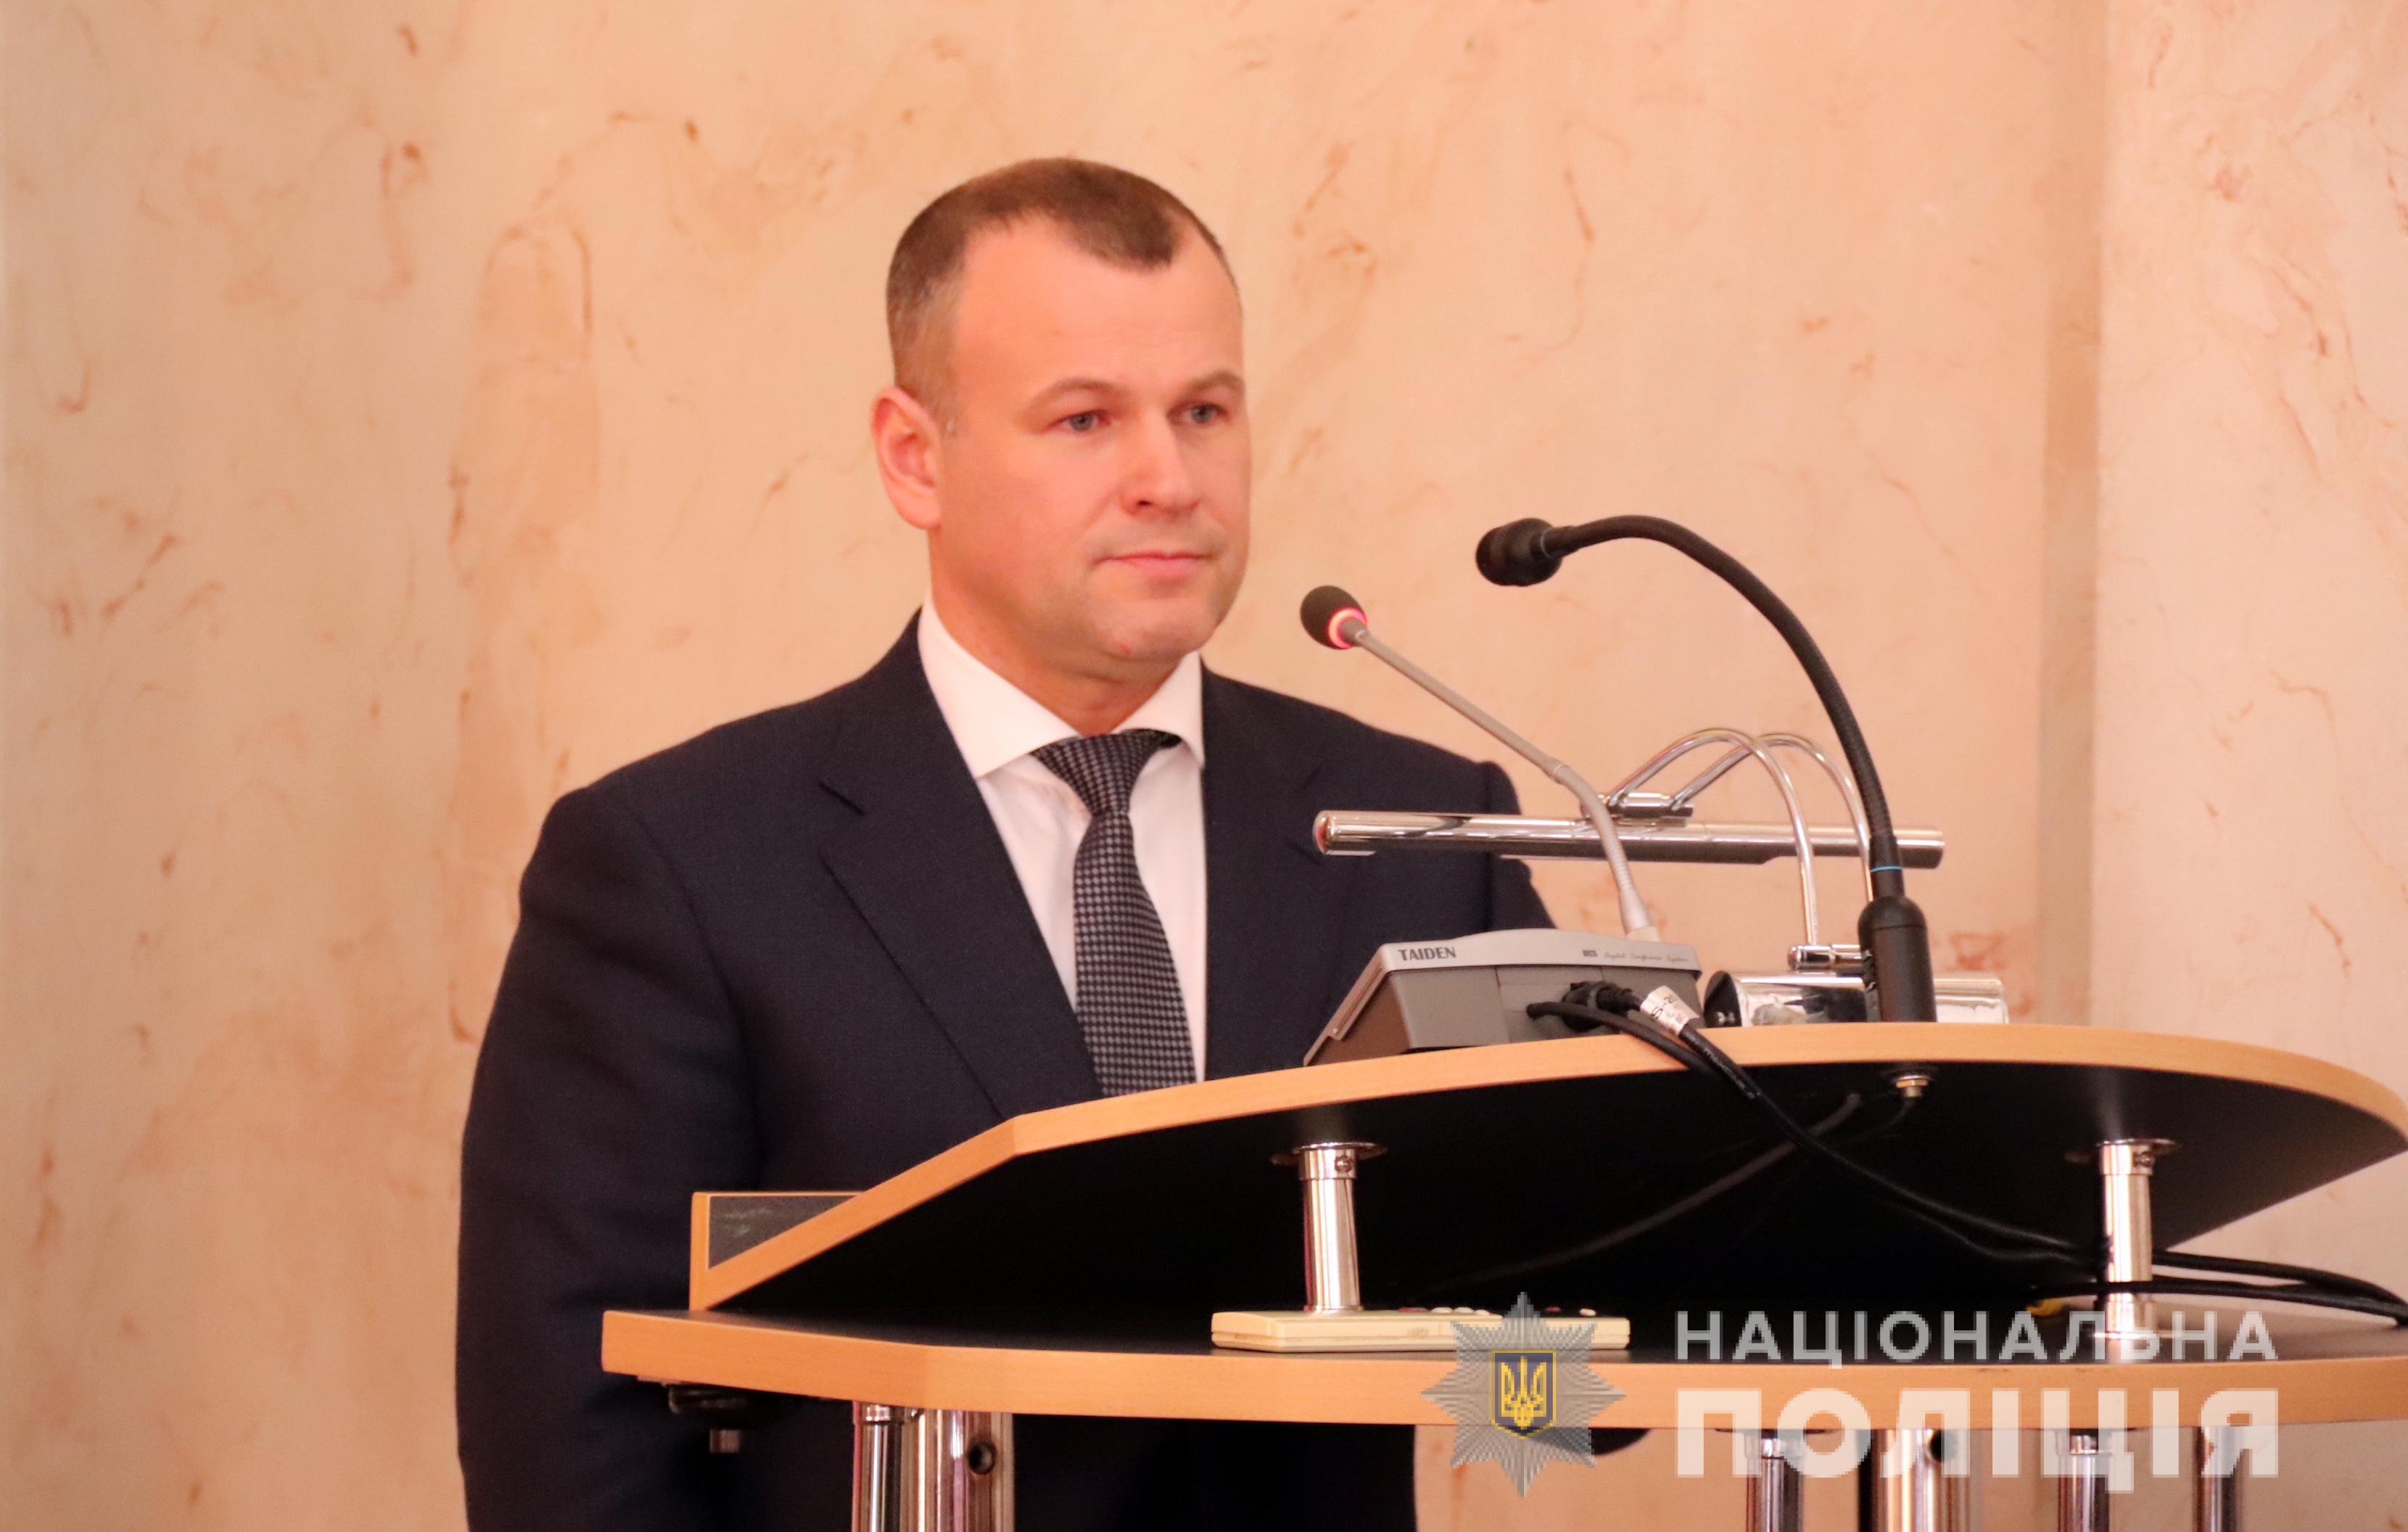 Выборы на Харьковщине. Порядок обеспечат 11 тысяч правоохранителей